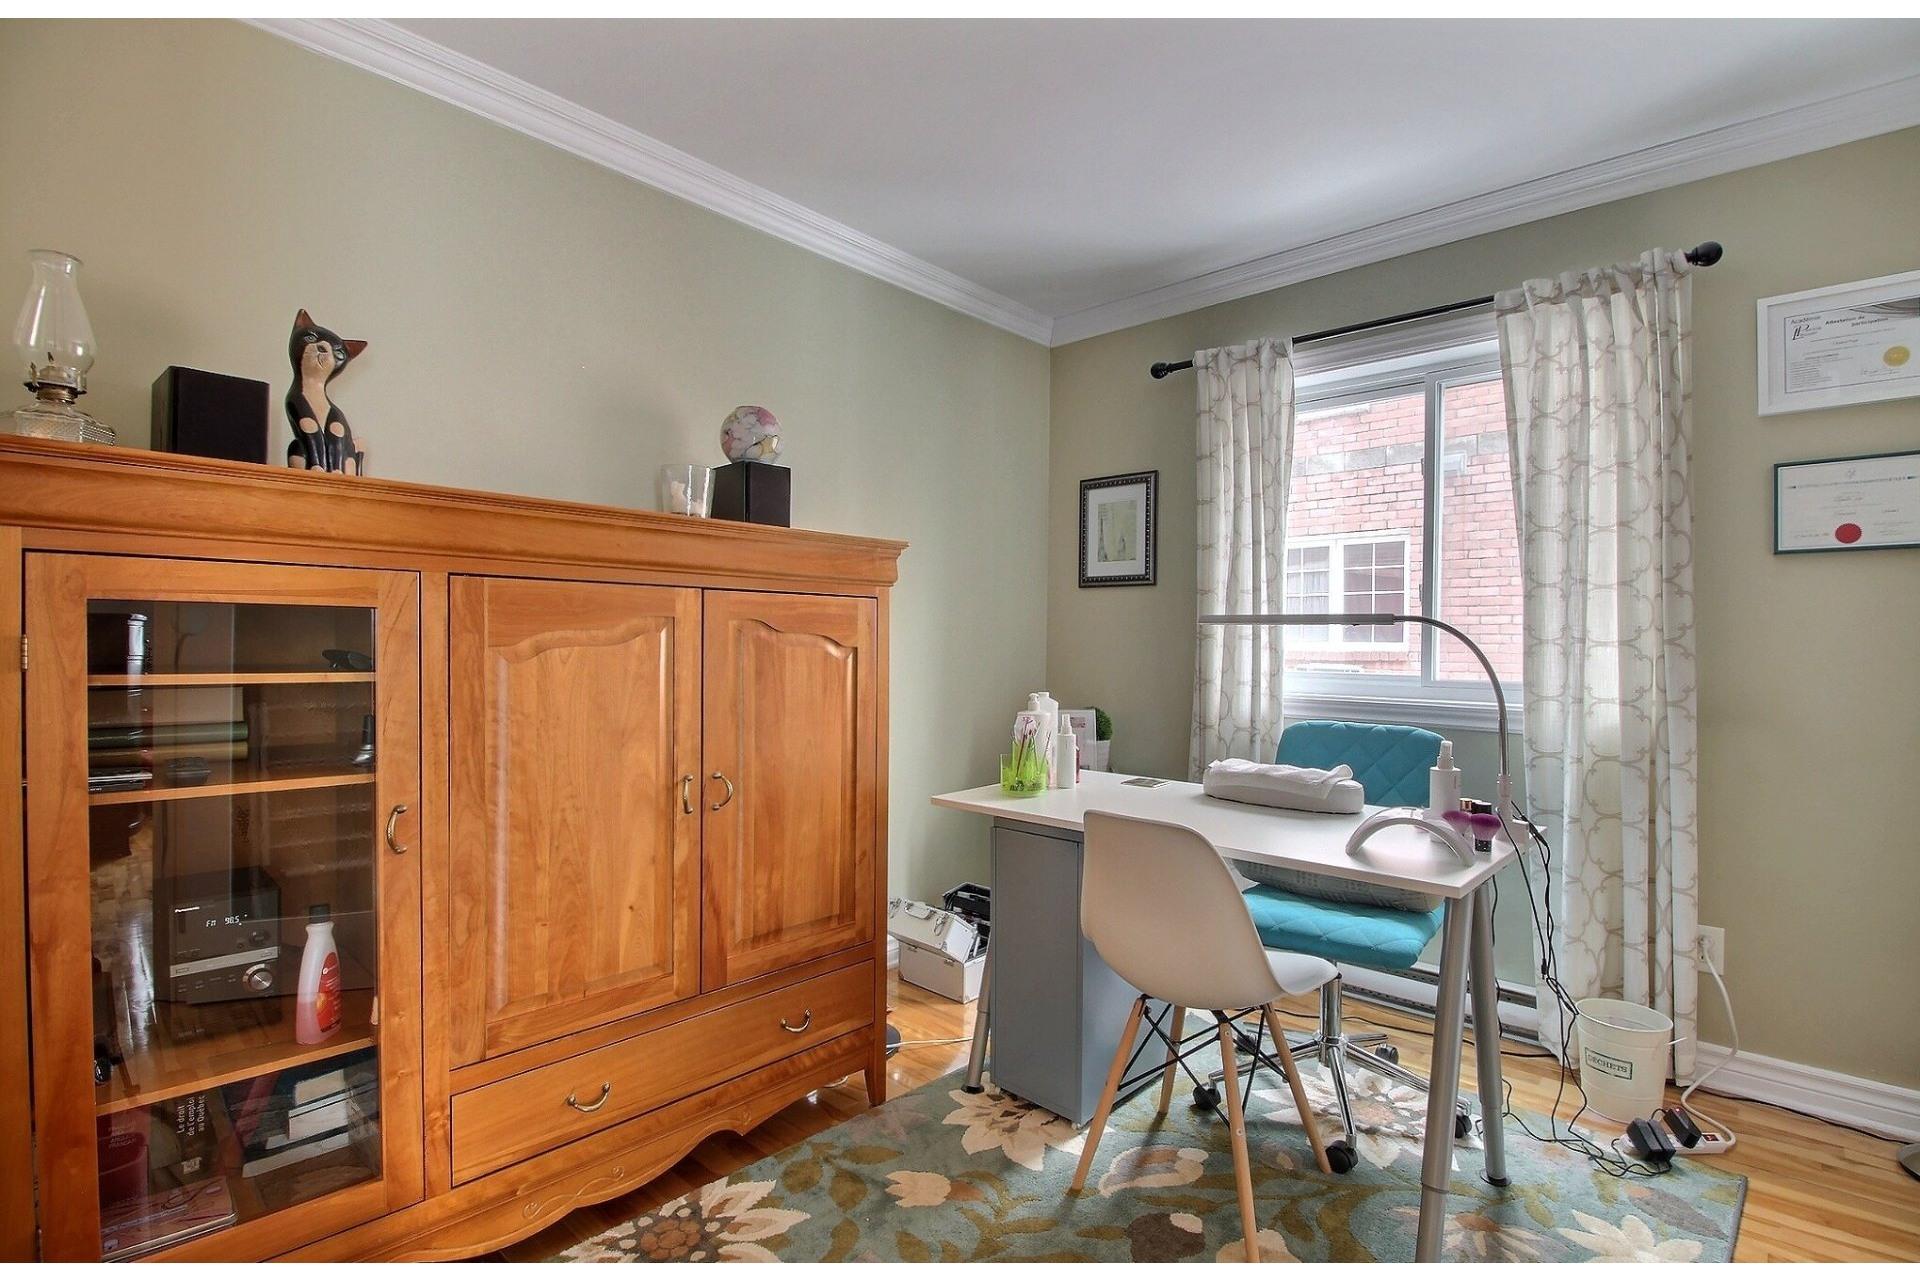 image 17 - Appartement À vendre Rivière-des-Prairies/Pointe-aux-Trembles Montréal  - 7 pièces